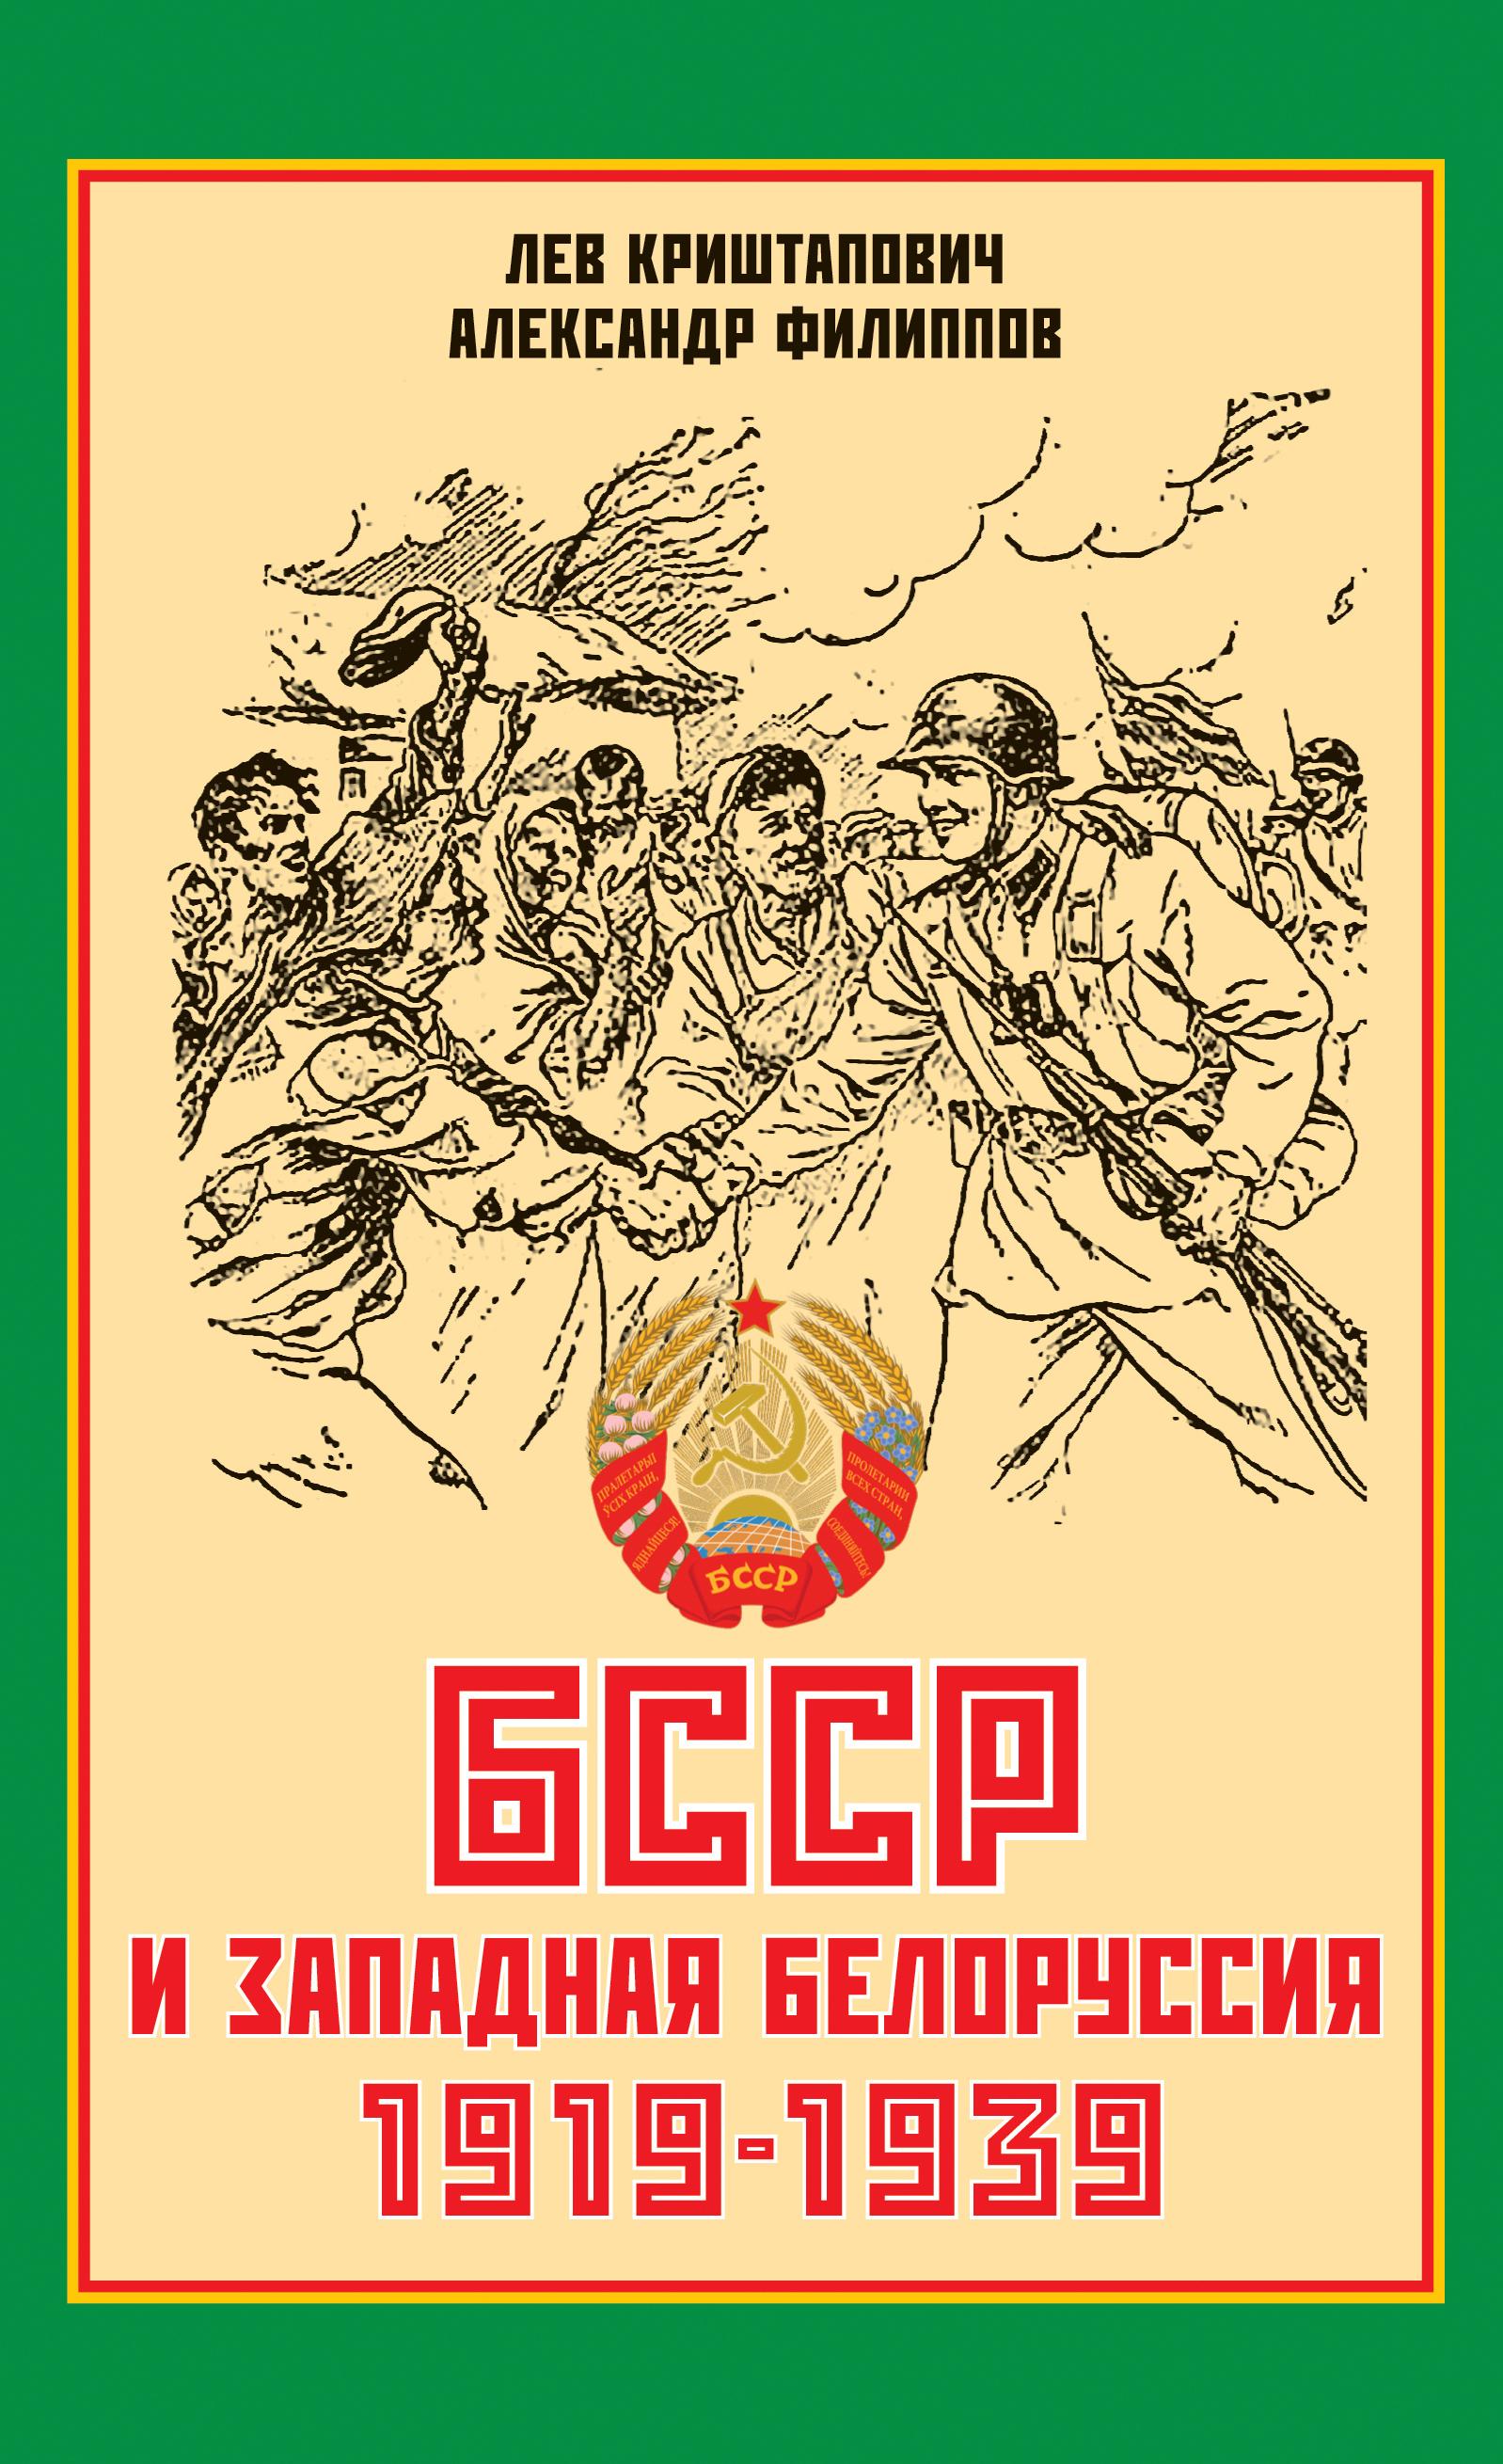 БССР и Западная Белоруссия. 1919-1939 гг.